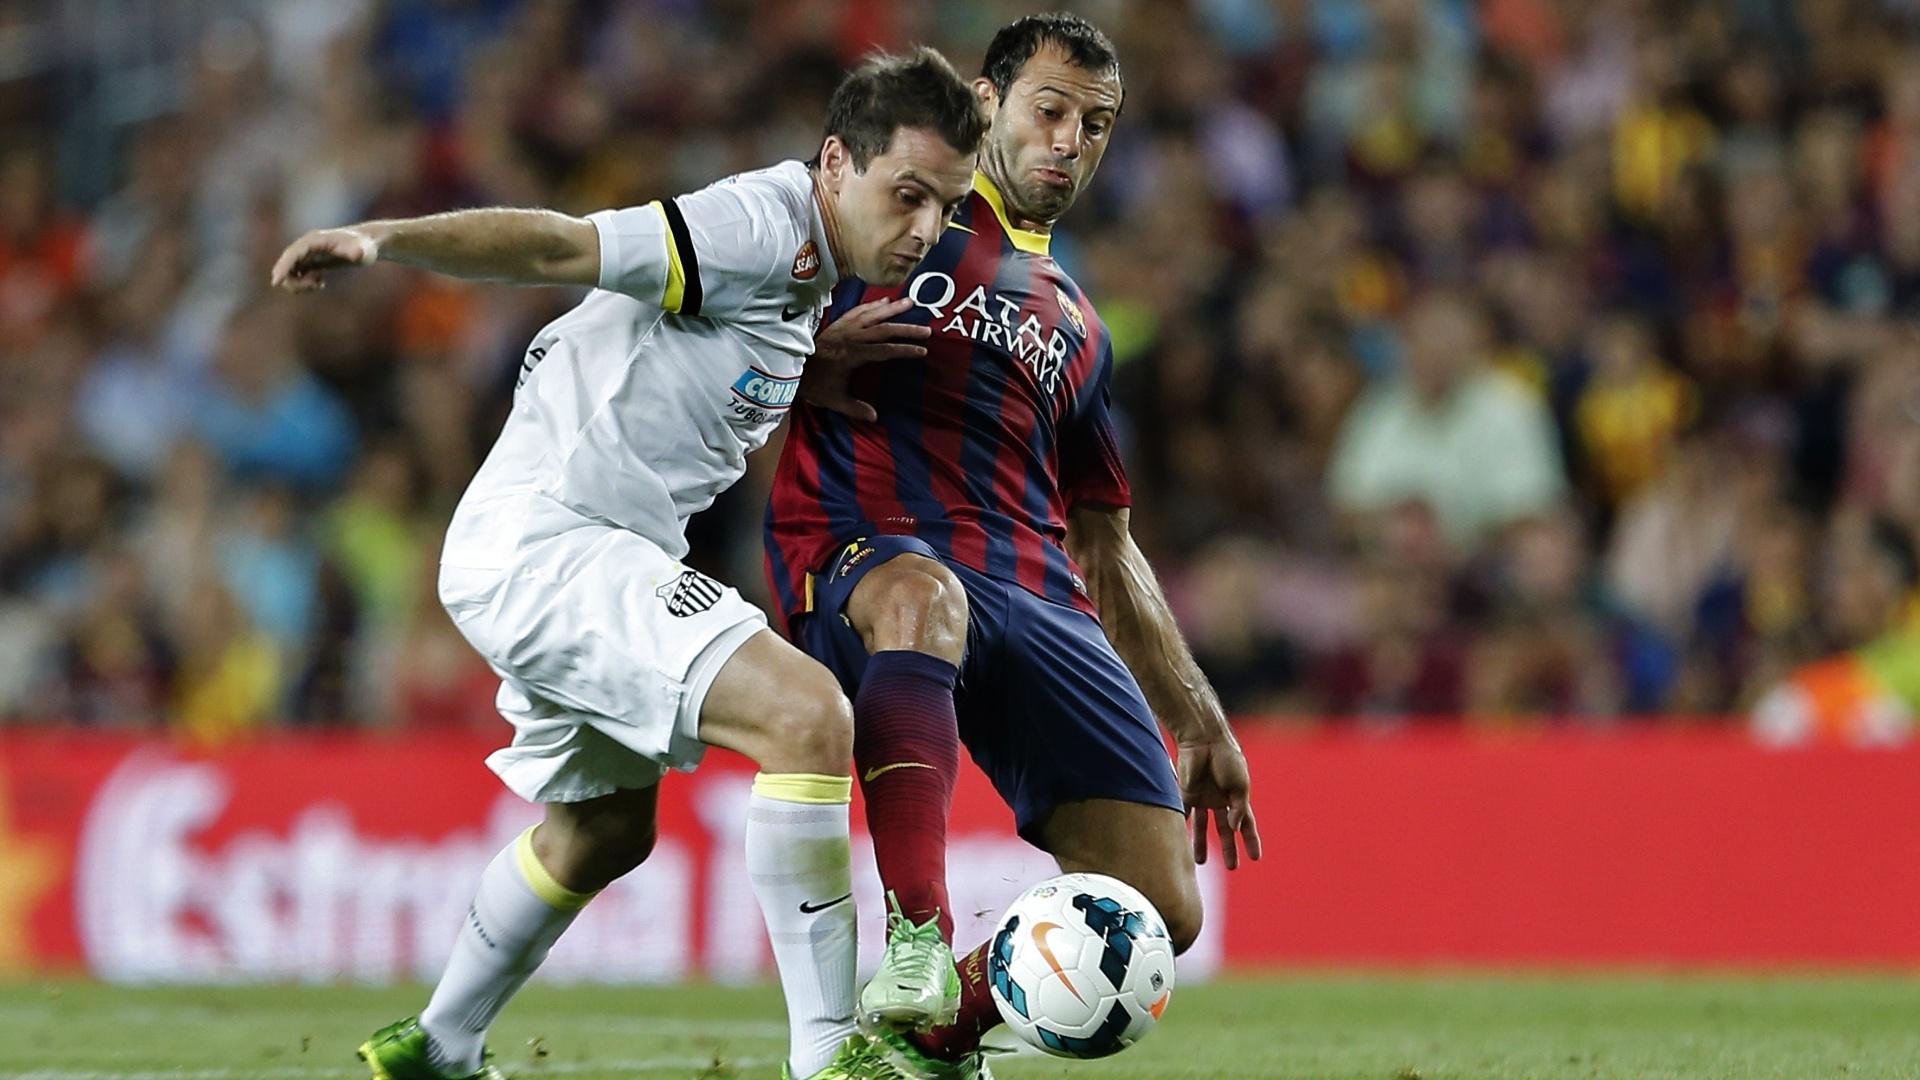 01.ago.2013 - Montillo é desarmado por Mascherano na partida entre Santos e Barcelona